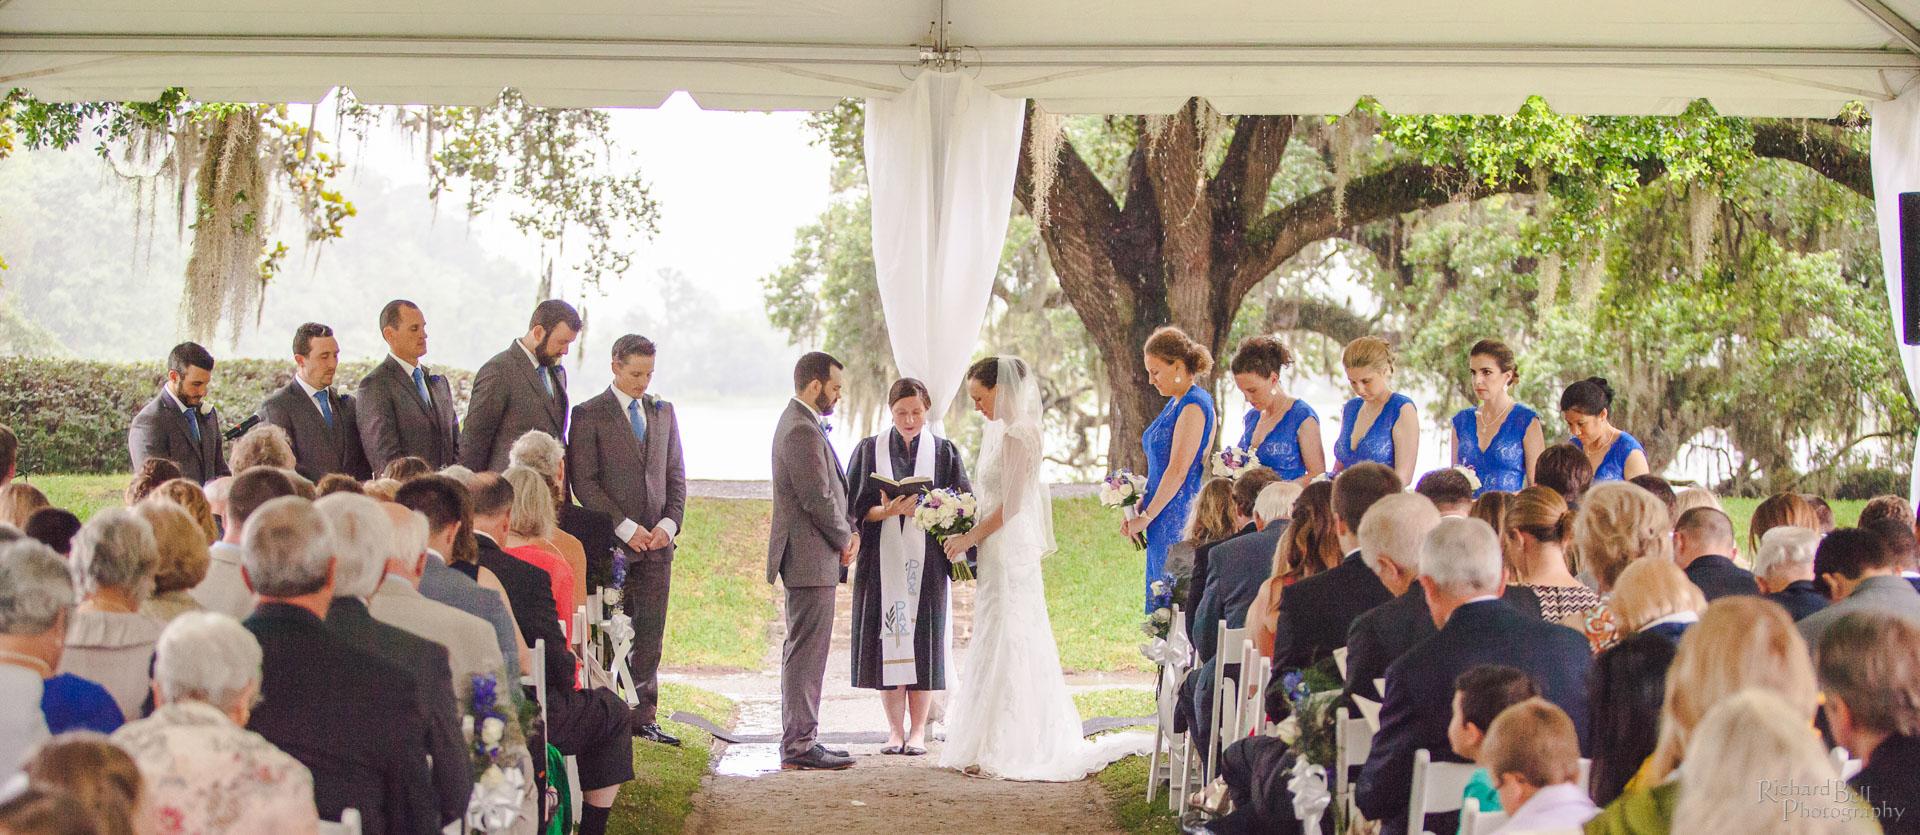 Wilson Ceremony